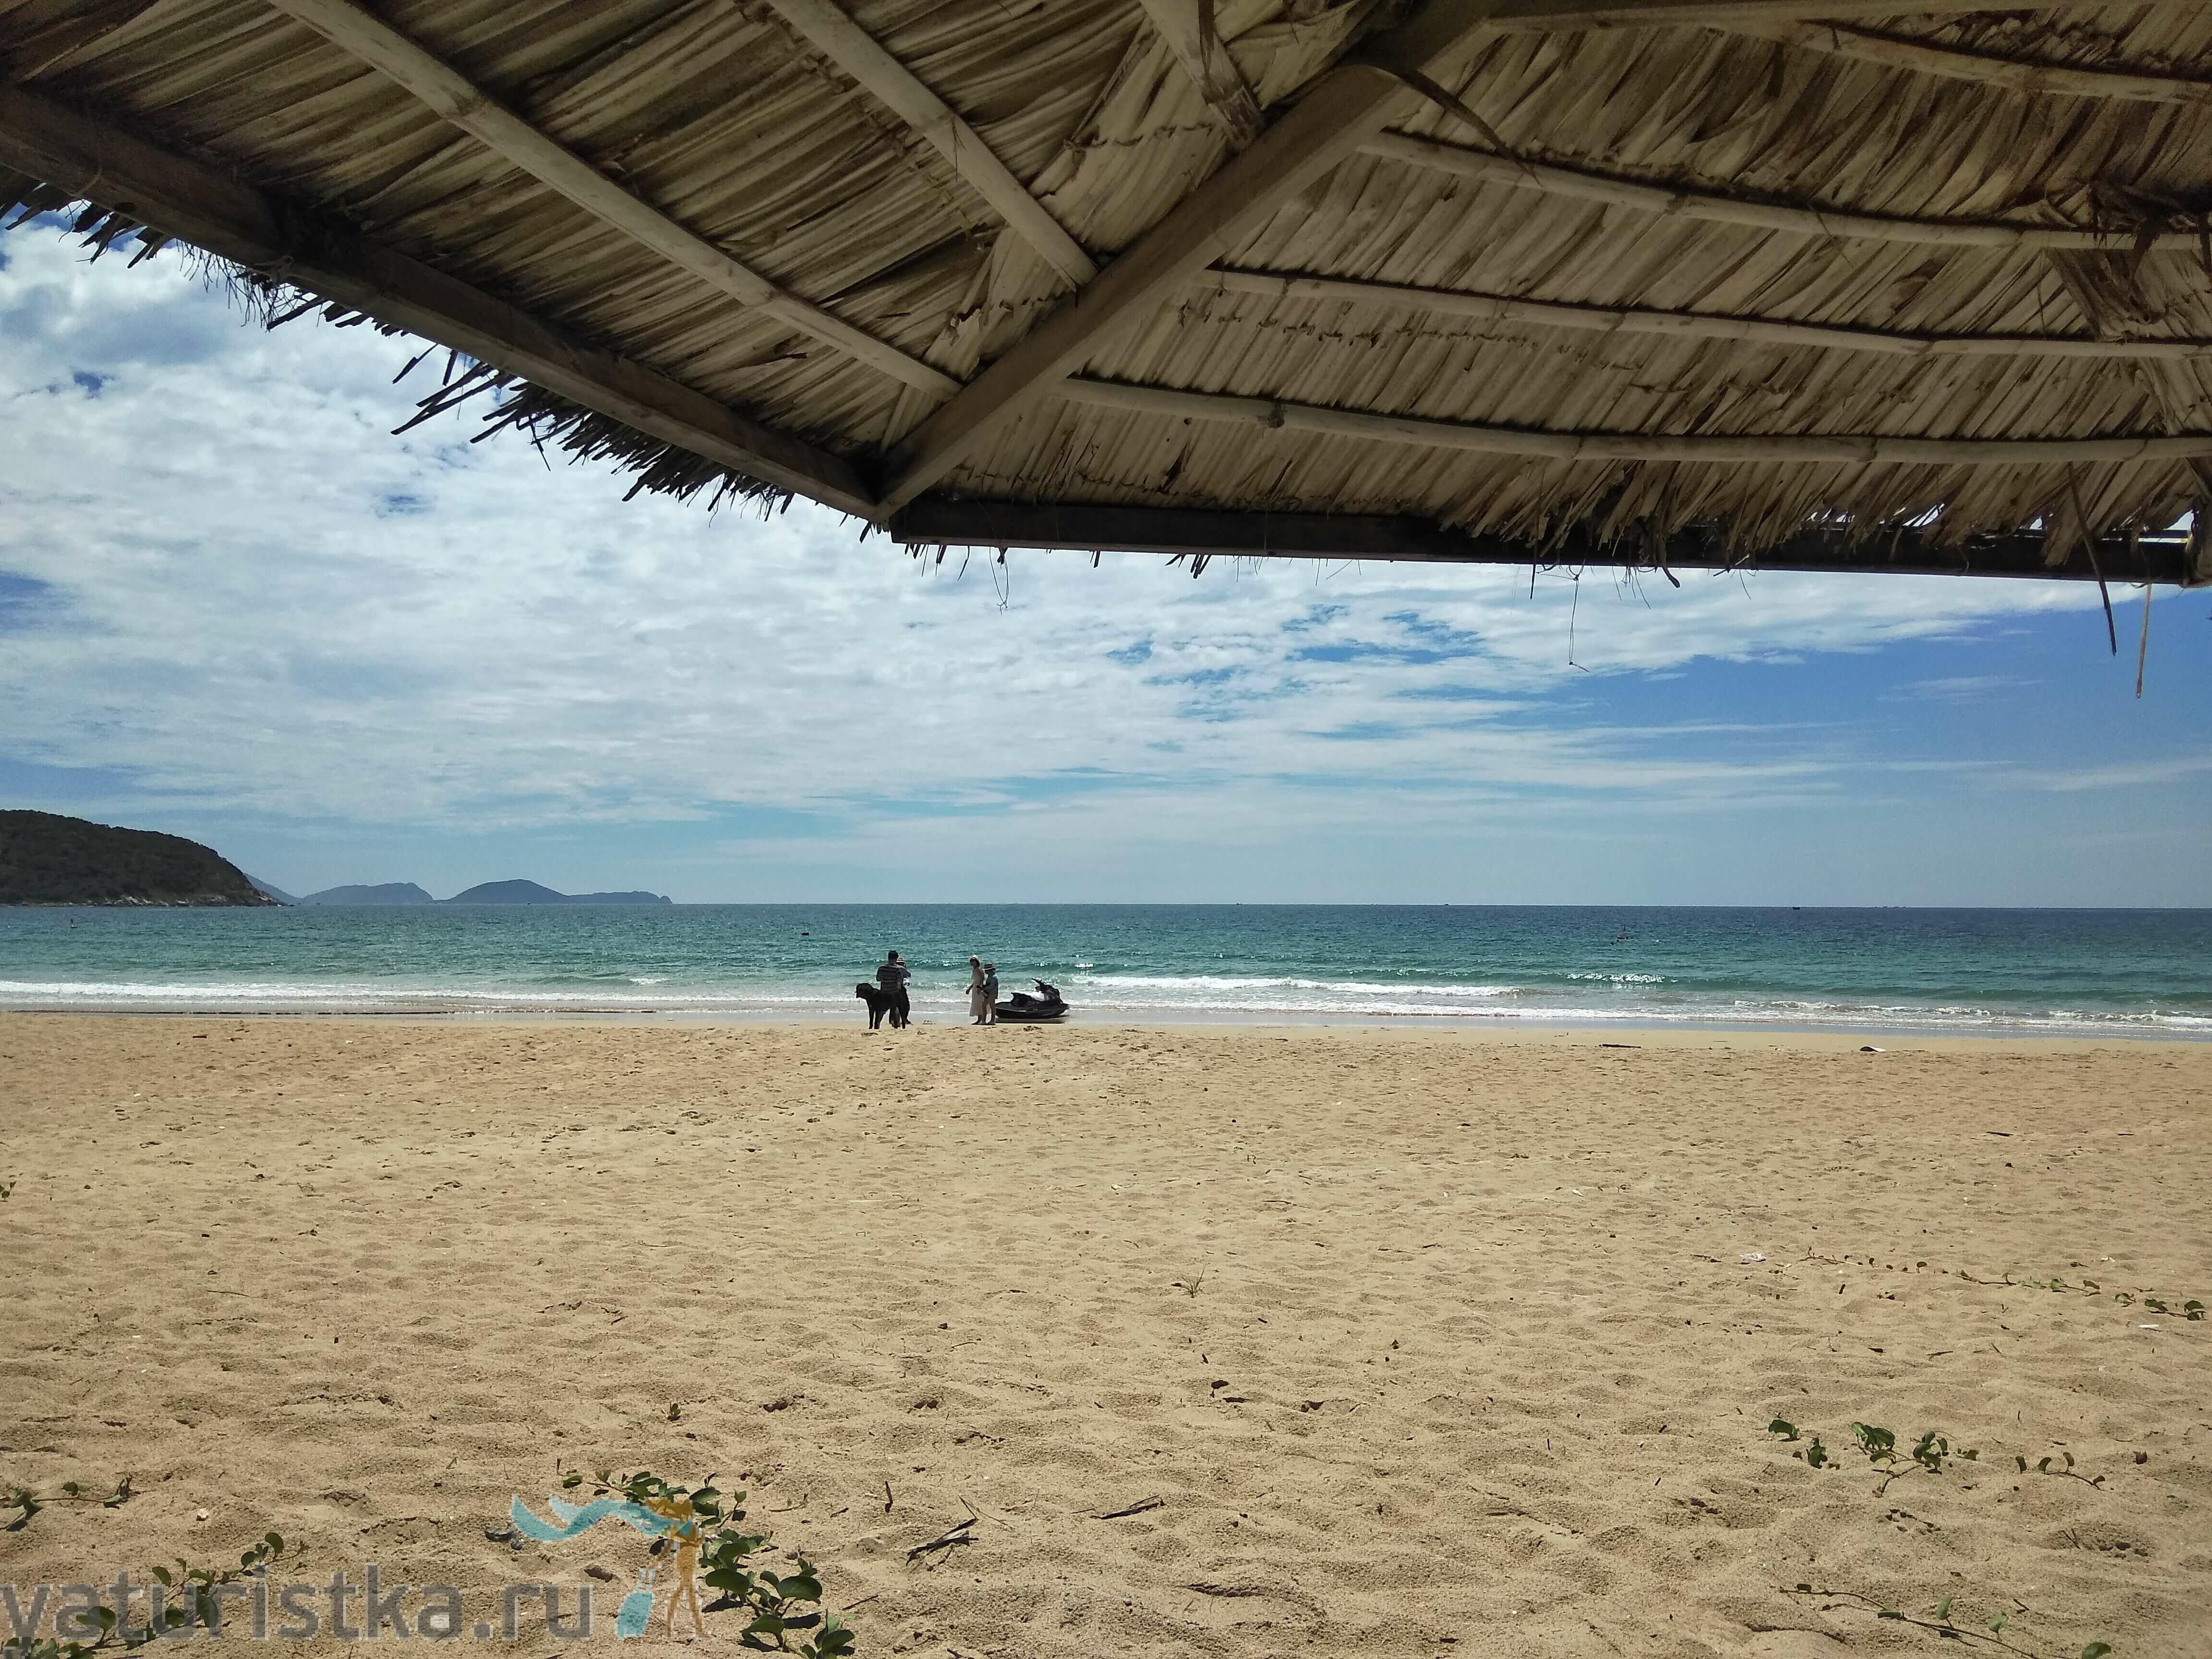 государства пляж бай дай нячанг фото первый